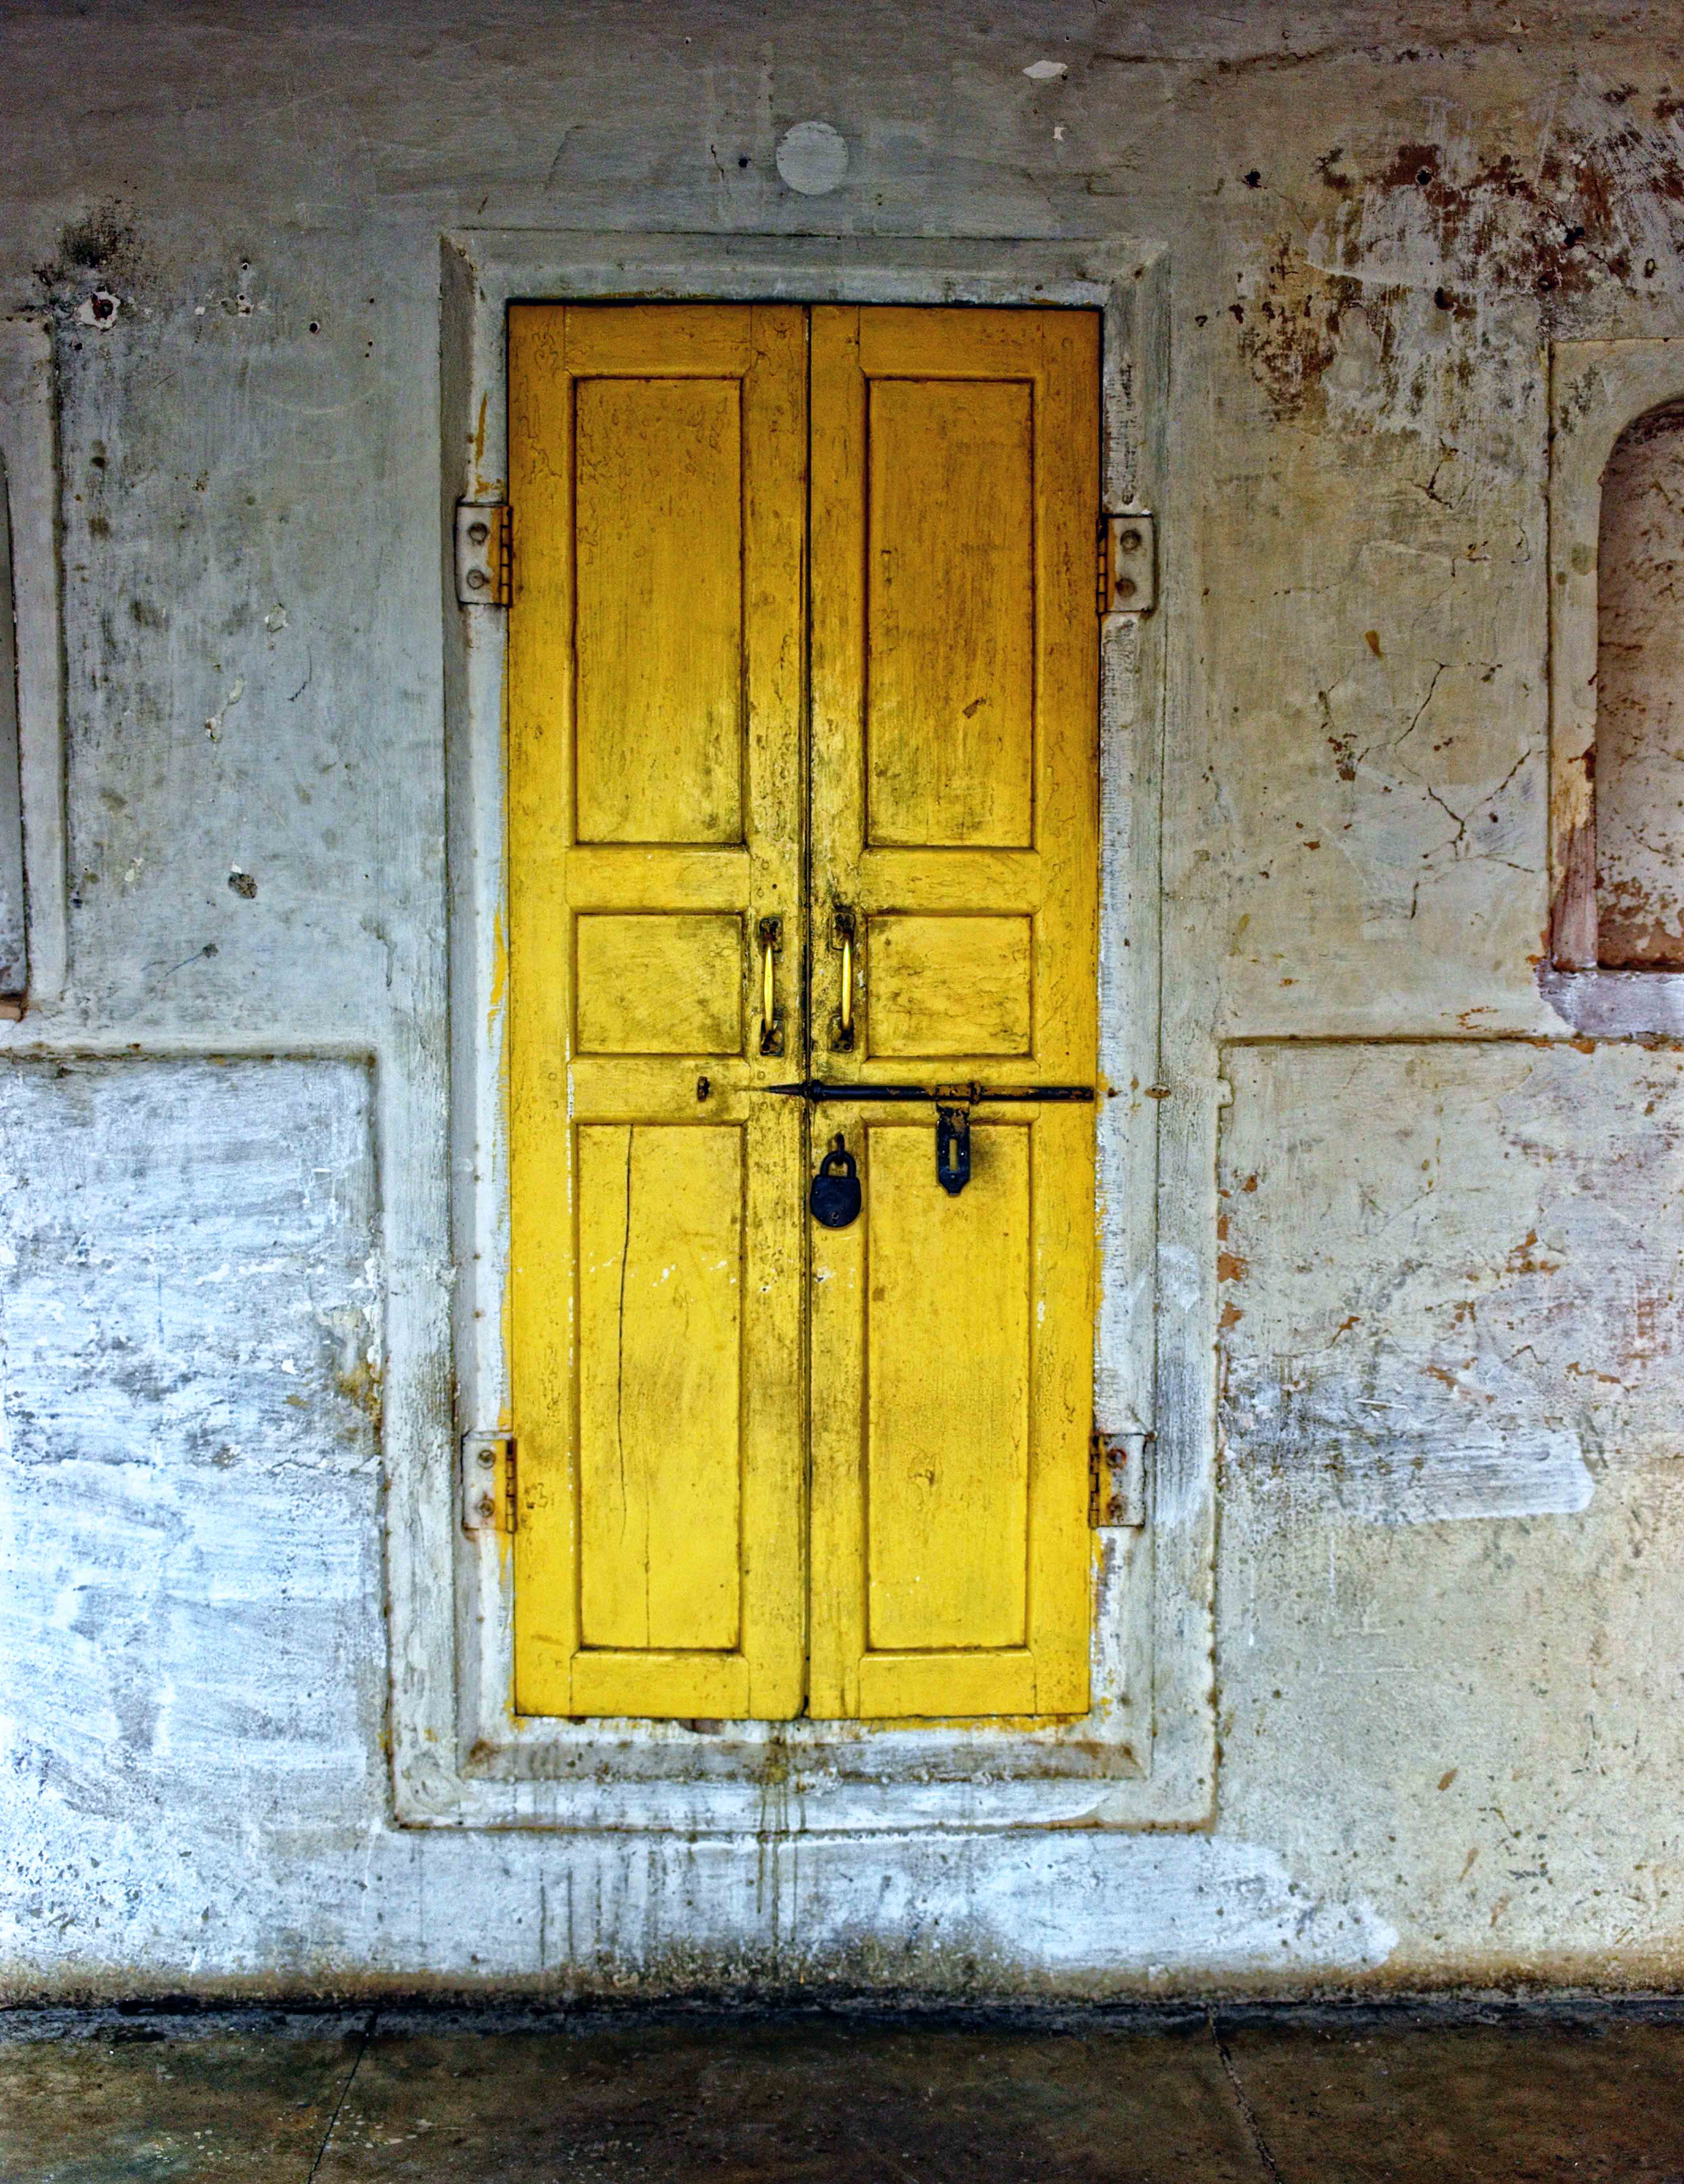 Yellow Door & Yellow Door | Images from Around the World - Pixel By Pixel pezcame.com